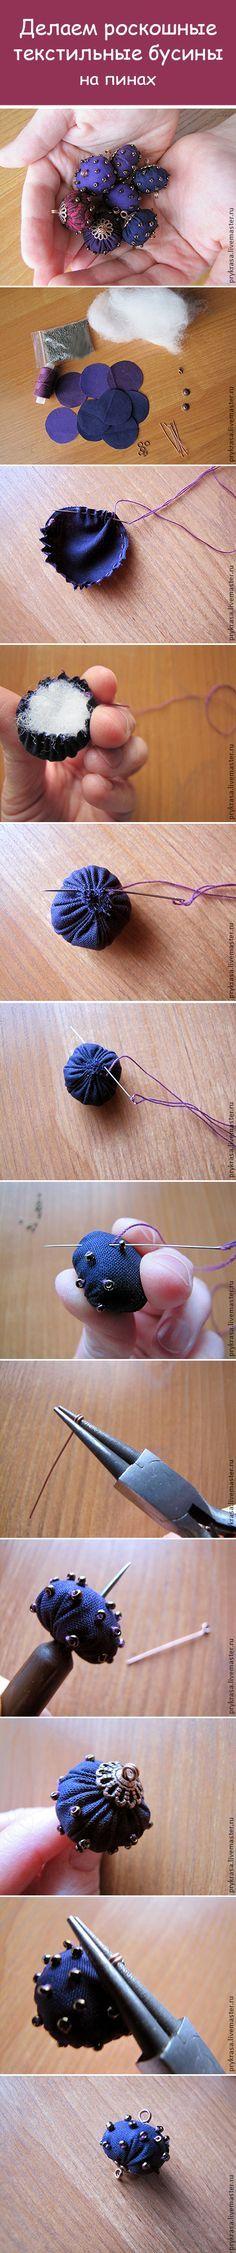 Как сделать текстильные бусины / How to make textile beads #beads #maserclass…